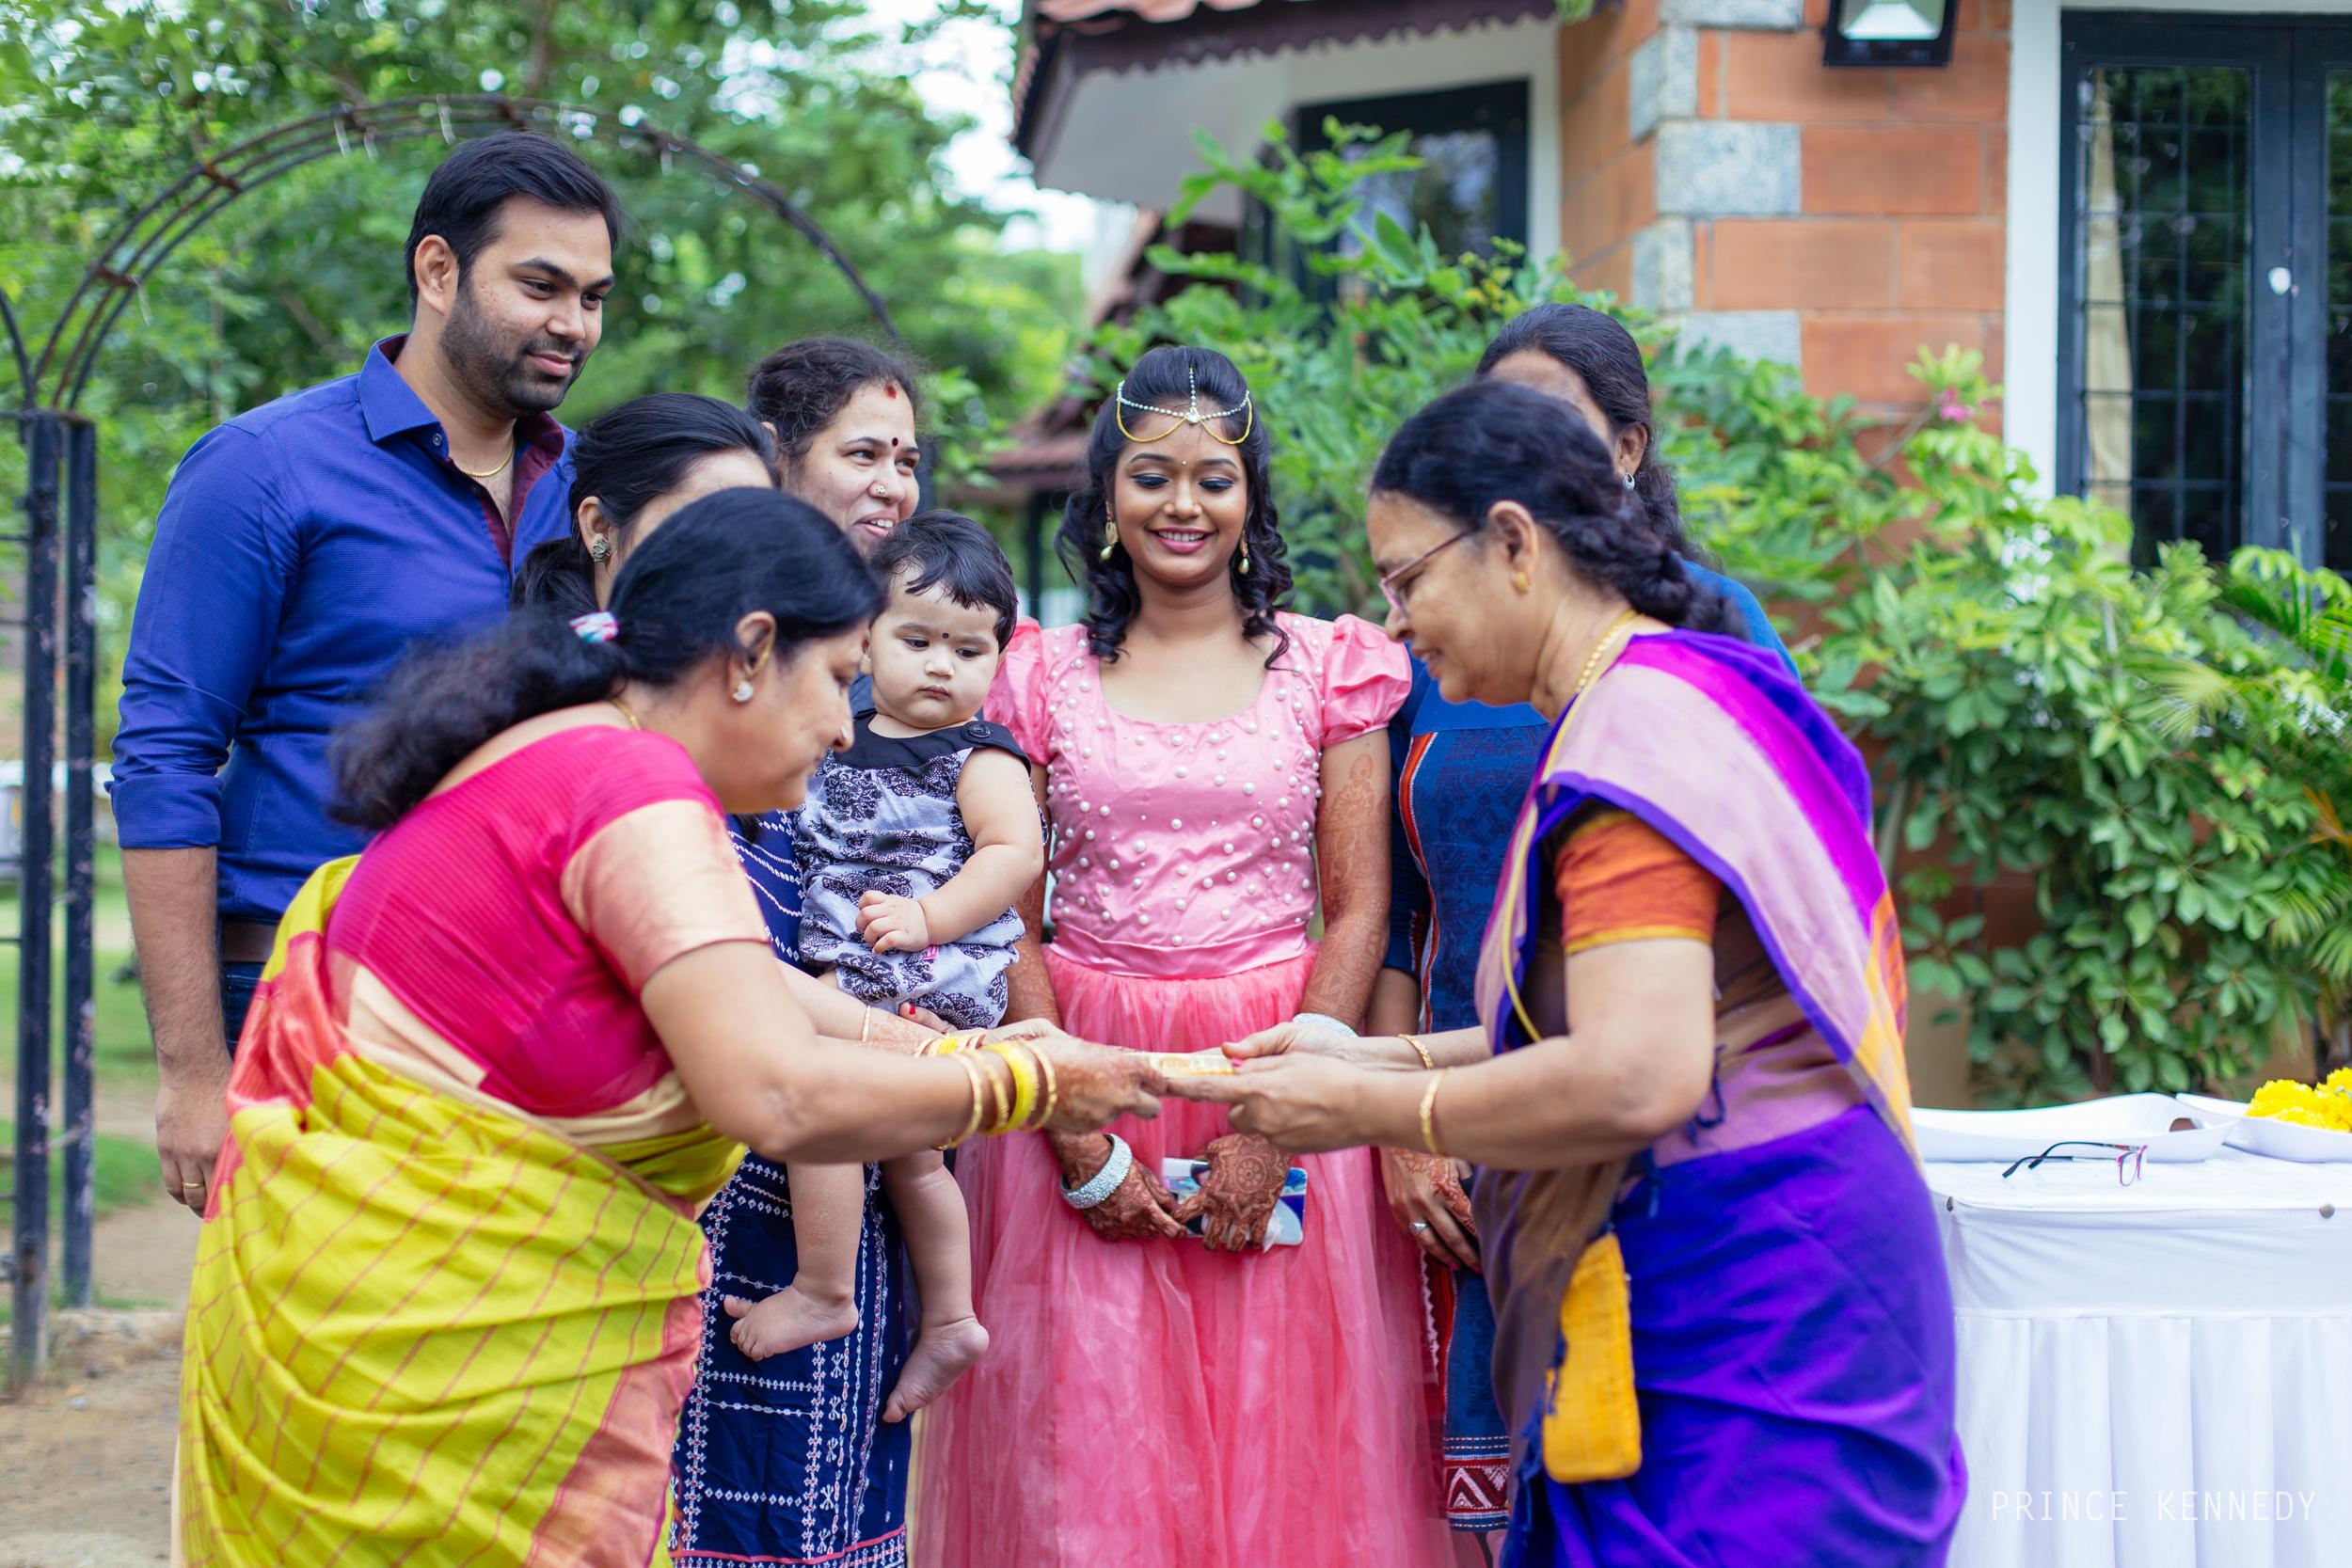 Engagement-Couple-Portrait-Portraiture-Wedding-Couple-Portrait-Chennai-Photographer-Candid-Photography-Destination-Best-Prince-Kennedy-Photography-18.jpg